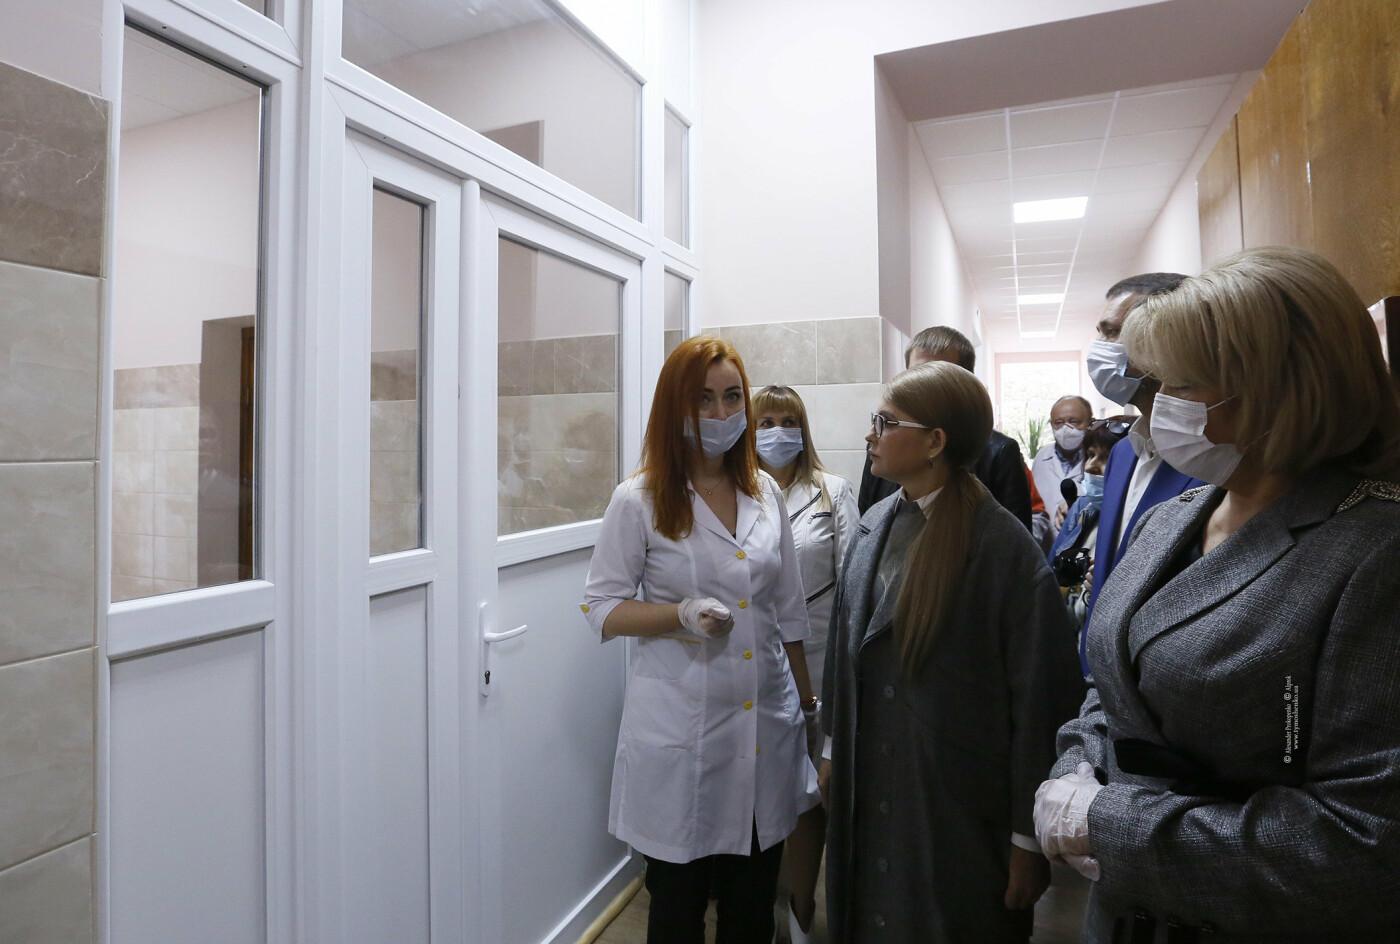 Юлія Тимошенко: «Українські науковці готові розробляти вакцину від коронавірусу, але не мають належного фінансування», фото-2